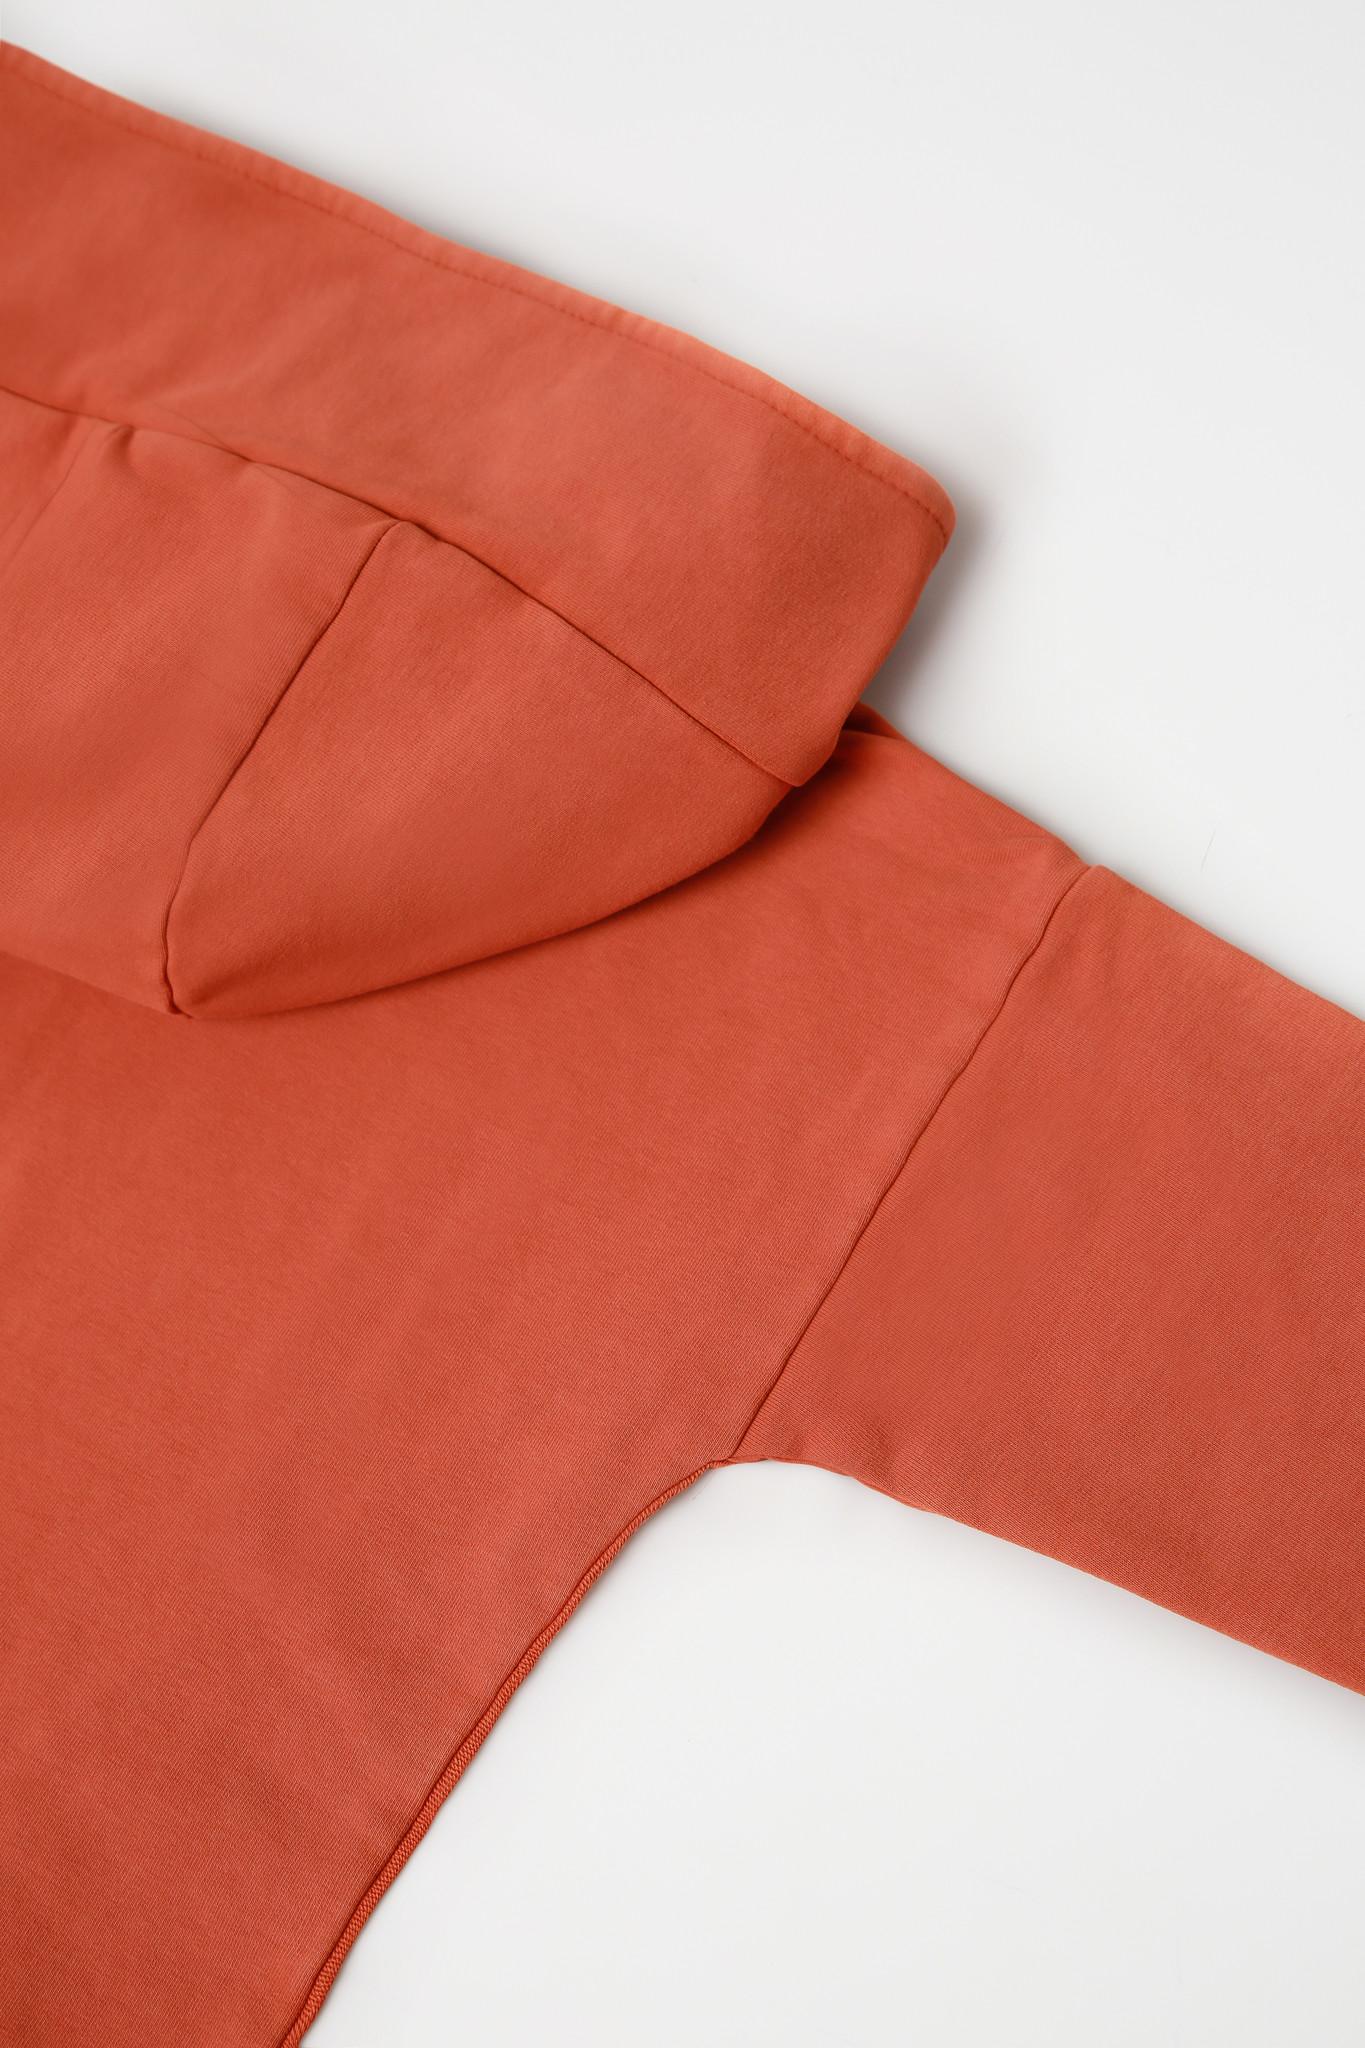 Minikid LONG HOODIE | ORANGE RED HOODED CARDIGAN | MINIKID